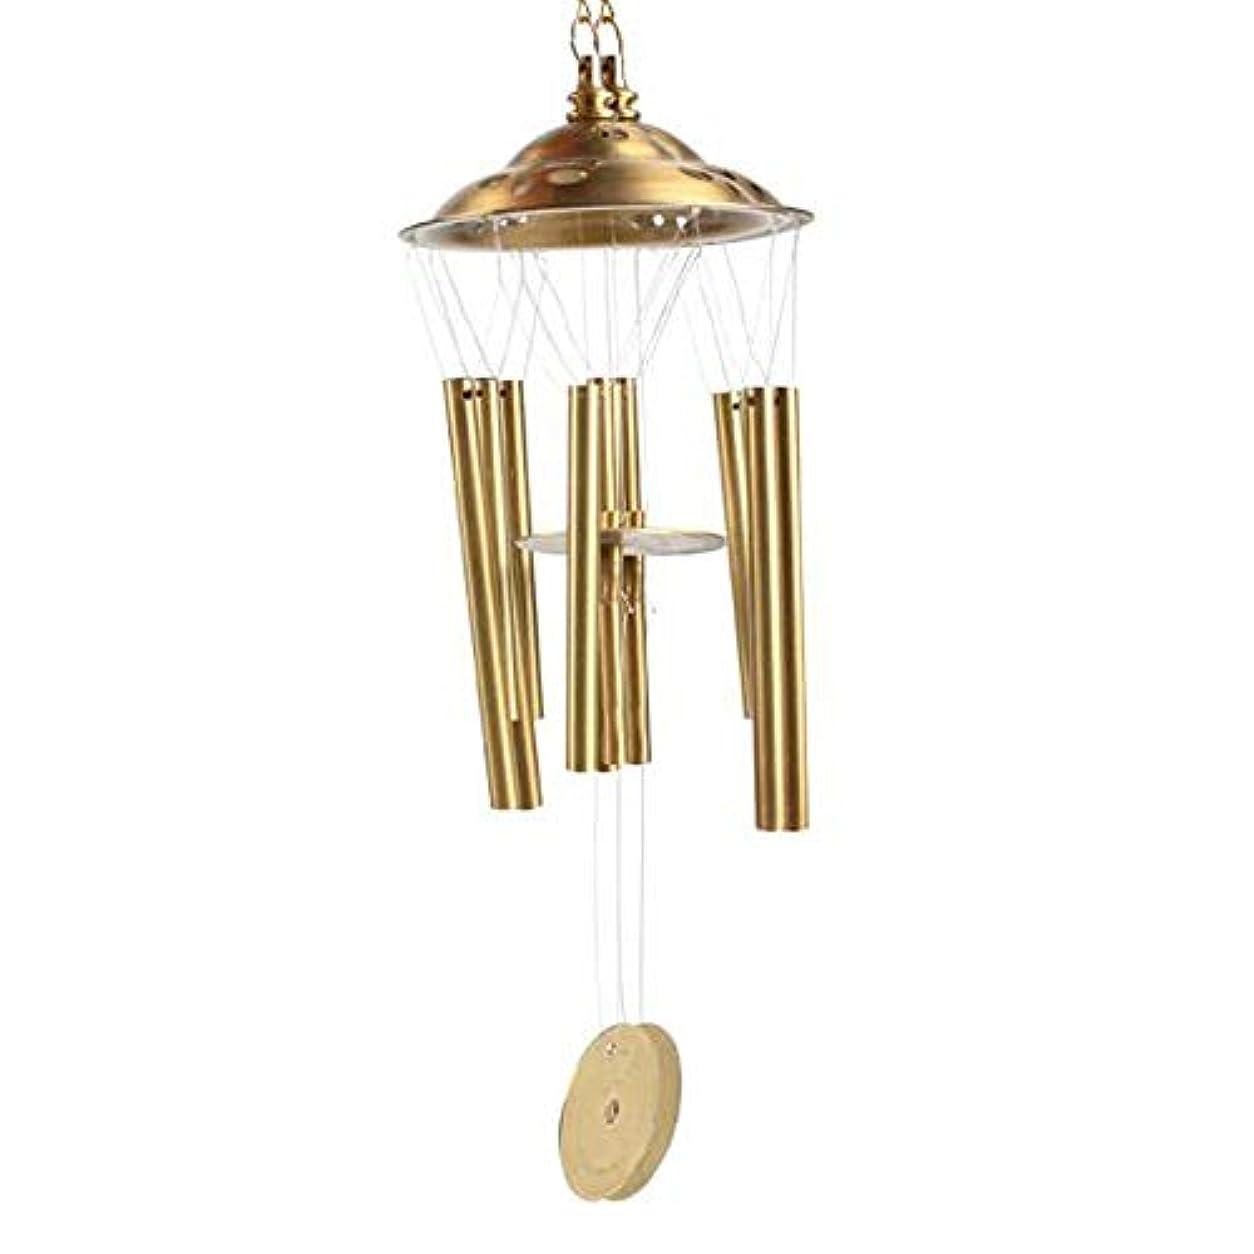 歩道レンディション中毒Yougou01 風チャイム、銅6チューブ風チャイム、ゴールド、全身約2.5インチ 、創造的な装飾 (Size : 4 inches)